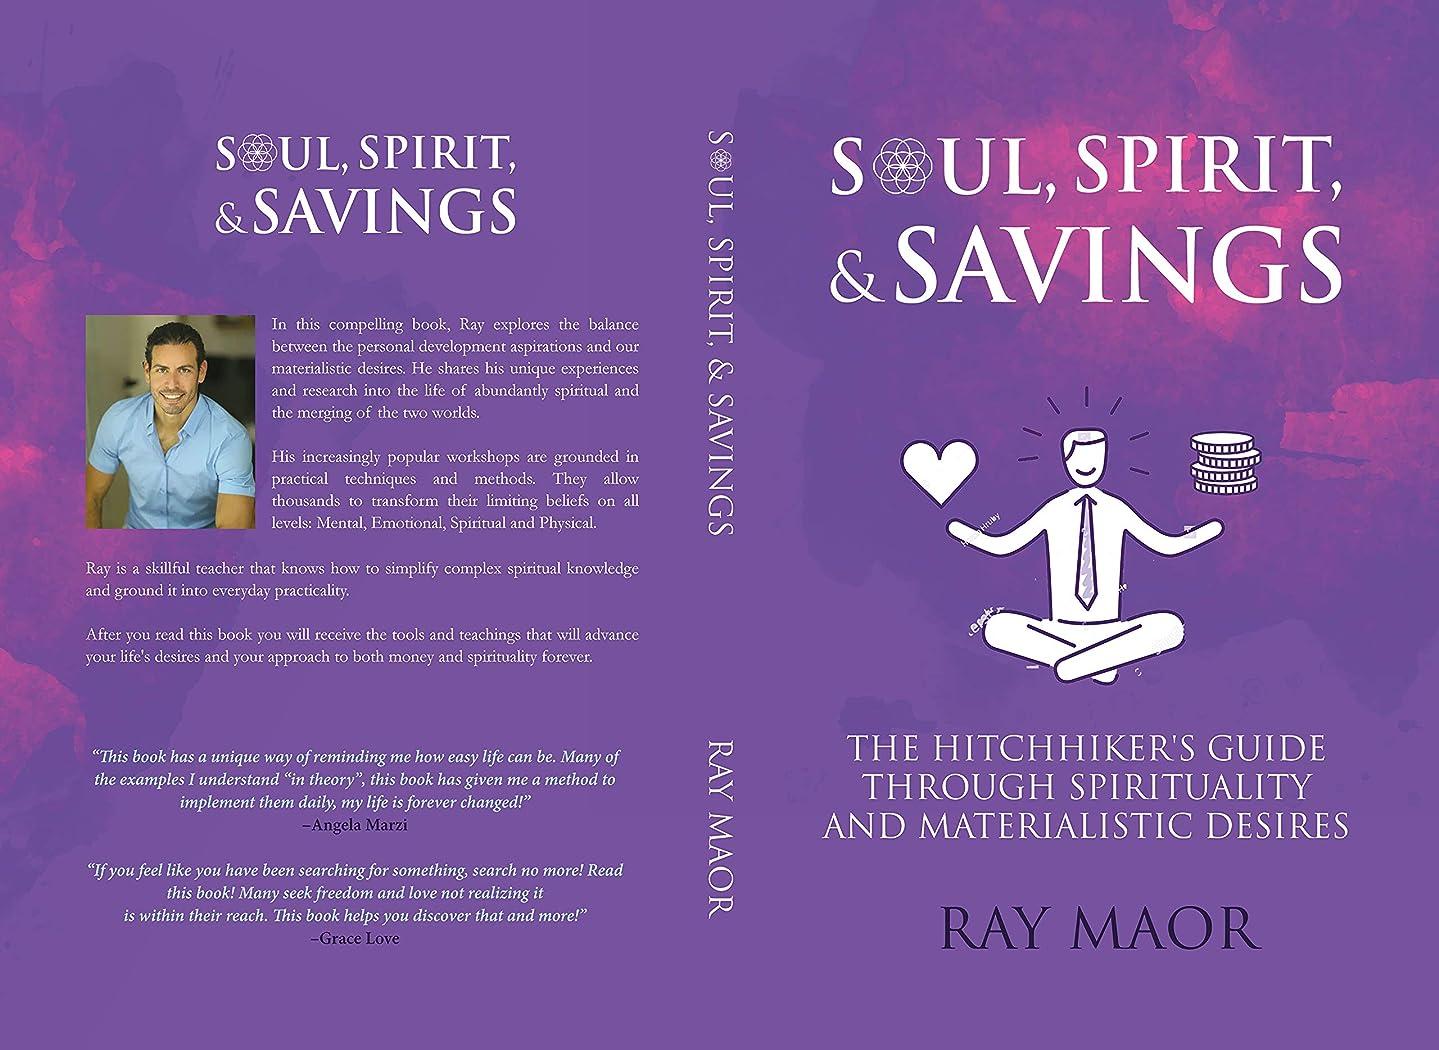 マークダウン蓄積するマーティフィールディングSOUL, SPIRIT & SAVINGS: THE HITCHHIKER'S GUIDE THROUGH SPIRITUALITY AND MATERIALISTIC DESIRES (English Edition)